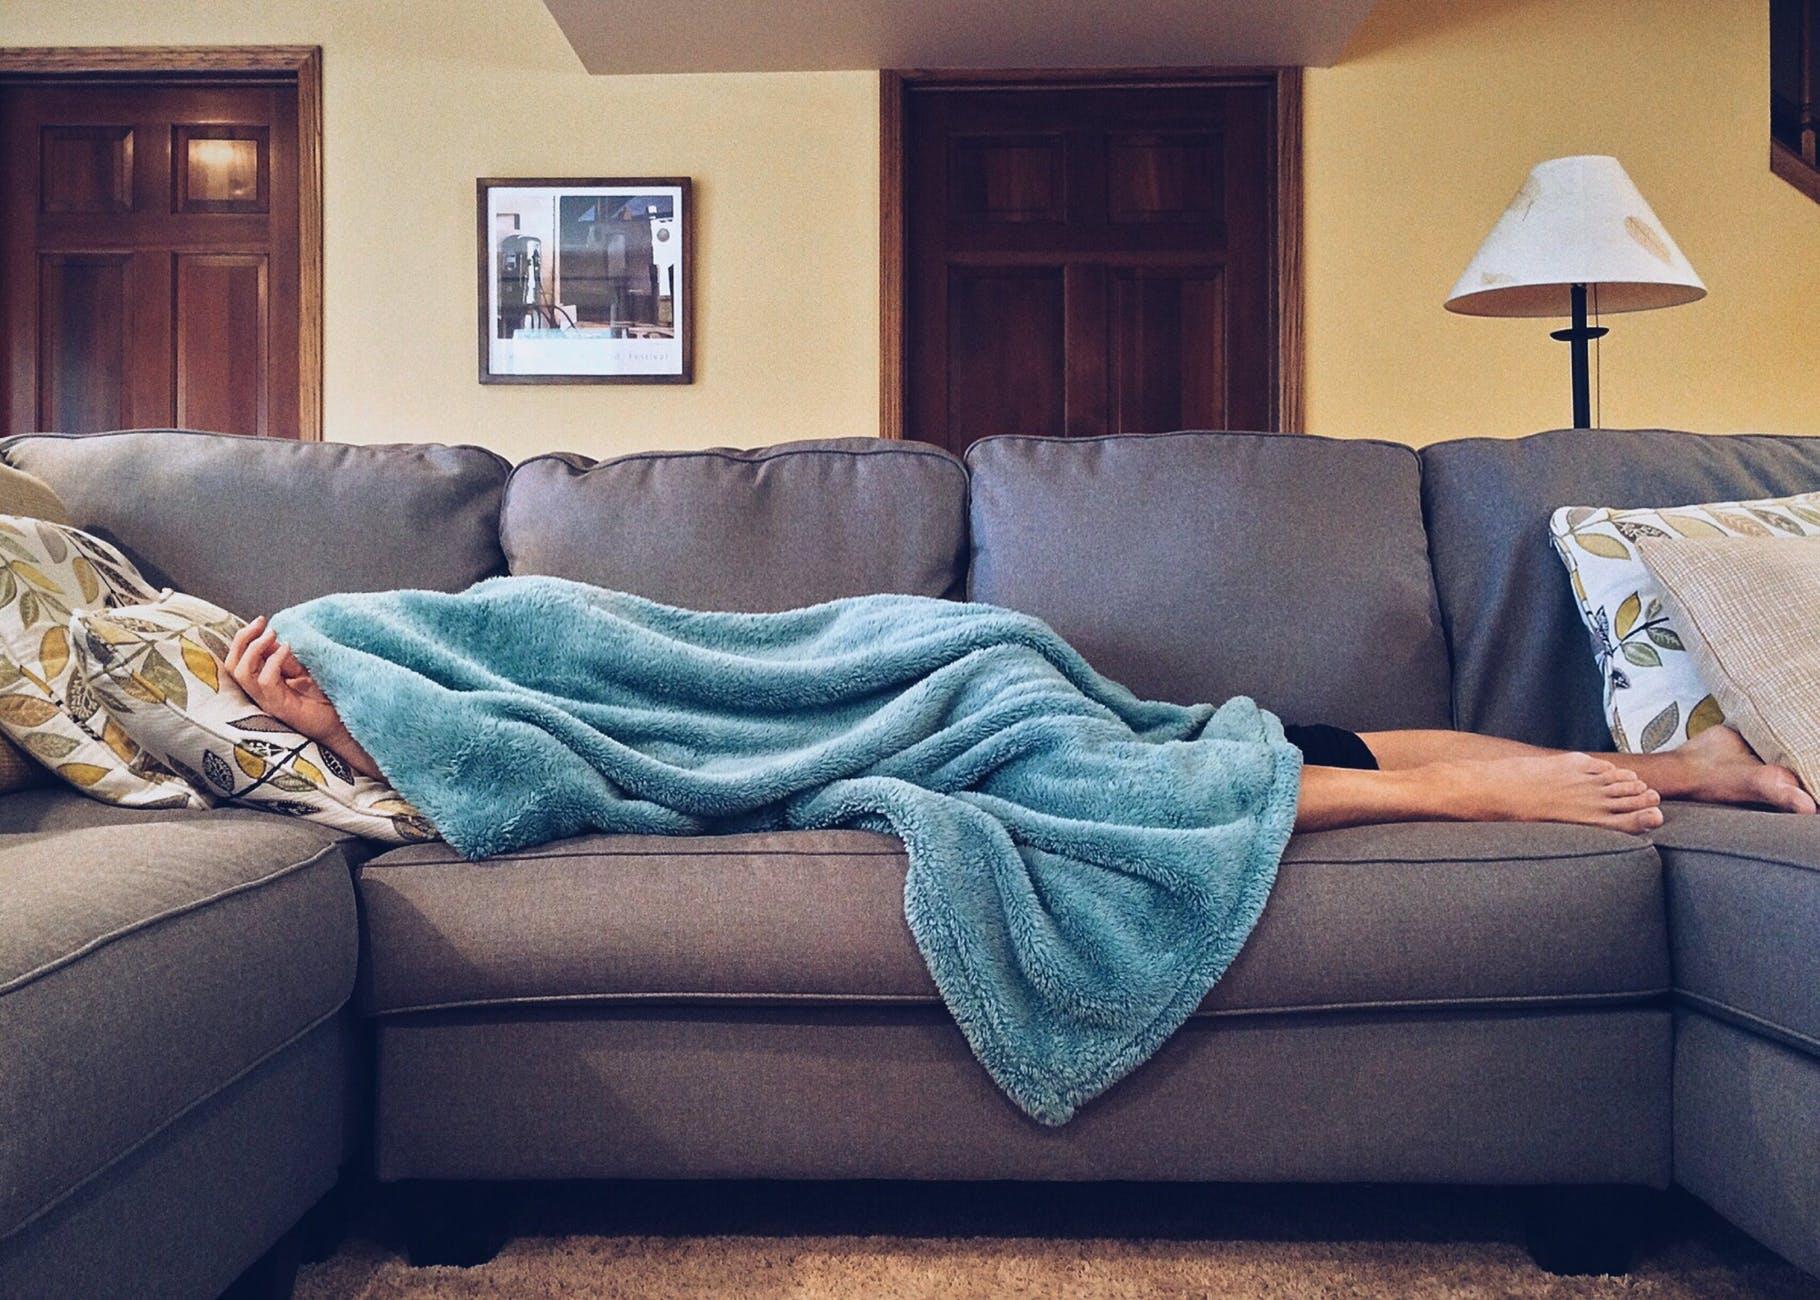 gripe e constipação na gravidez - cansaço